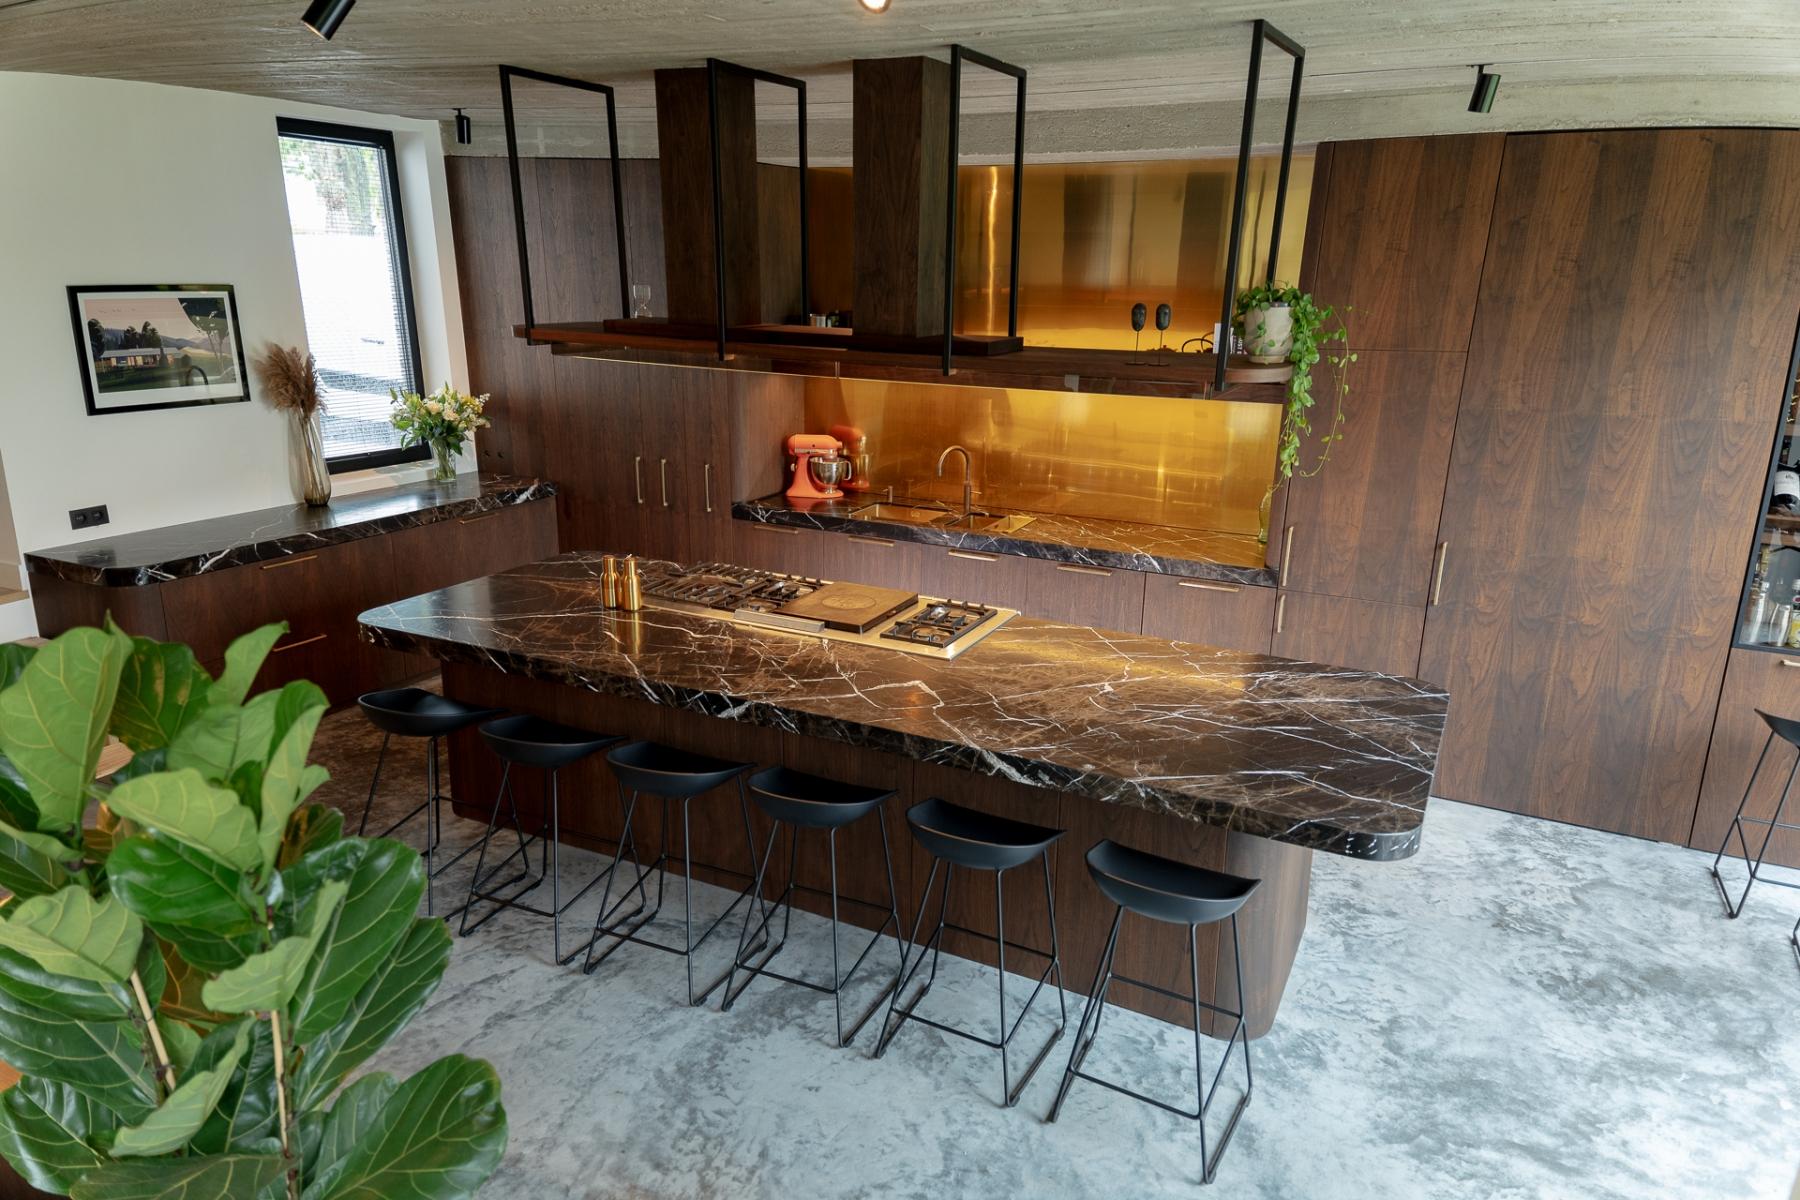 Bronzen-fantasie-keuken-OV5